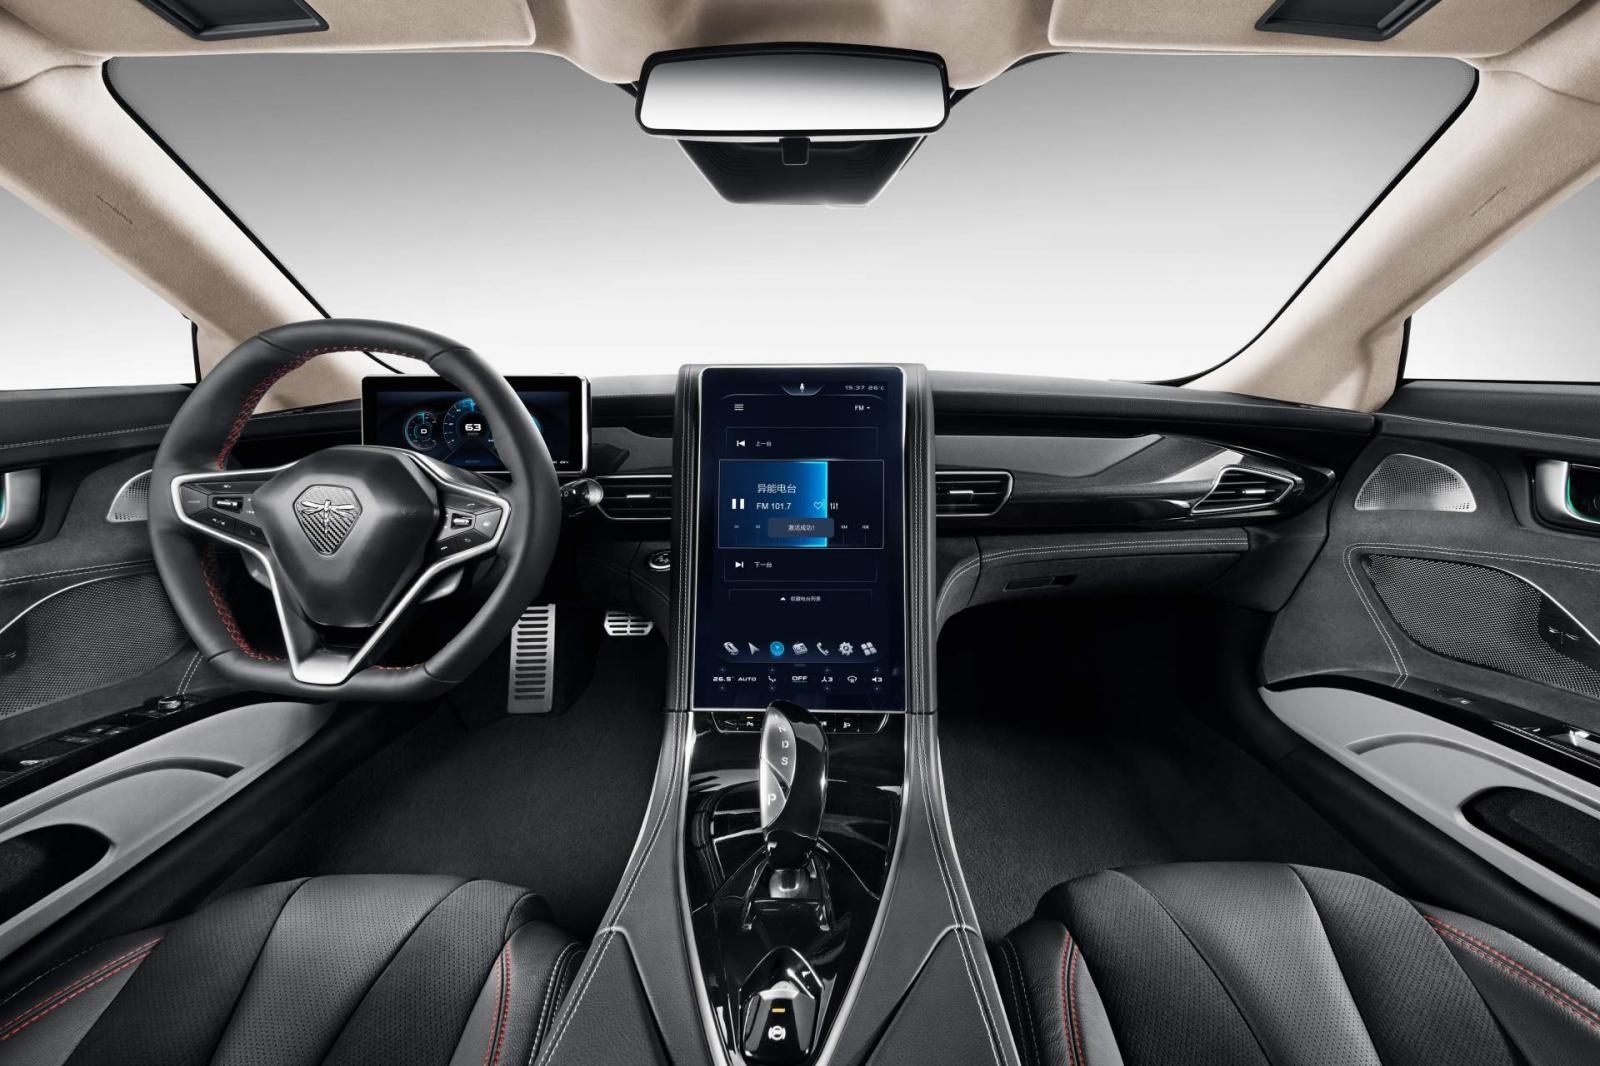 Khoang lái bên trong của Qiantu K50 có trang bị một màn hình cảm ứng khổng lồ